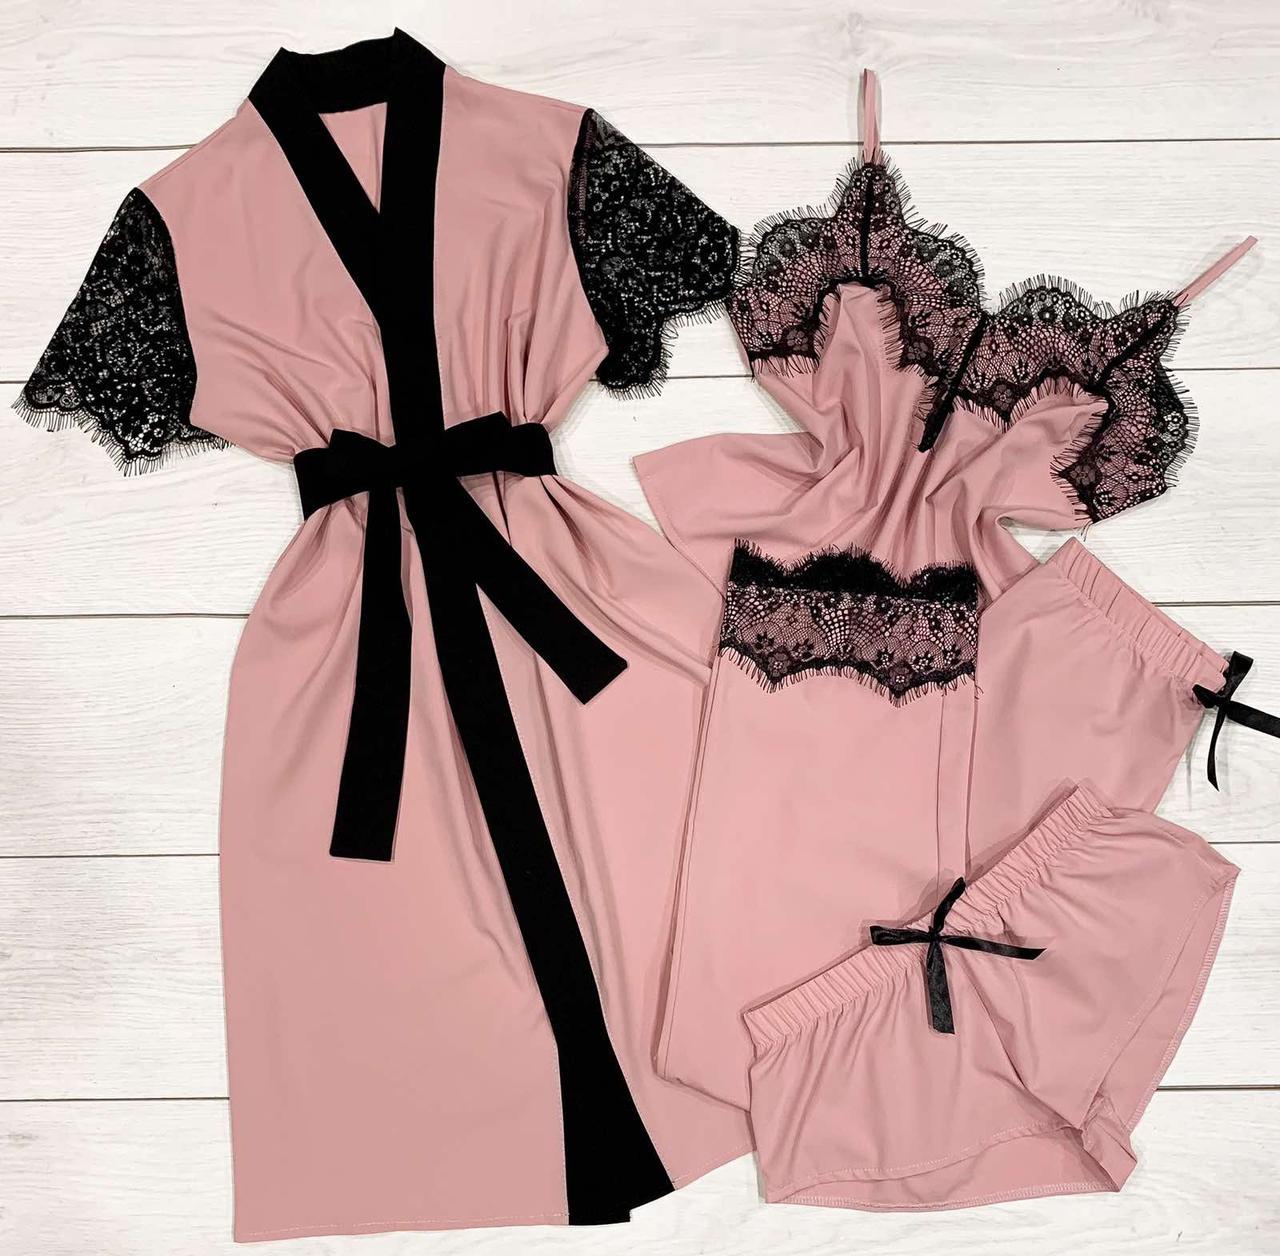 Пудровый комплект 4-ка с кружевом Халат майка штаны и шорты Домашняя женская одежда